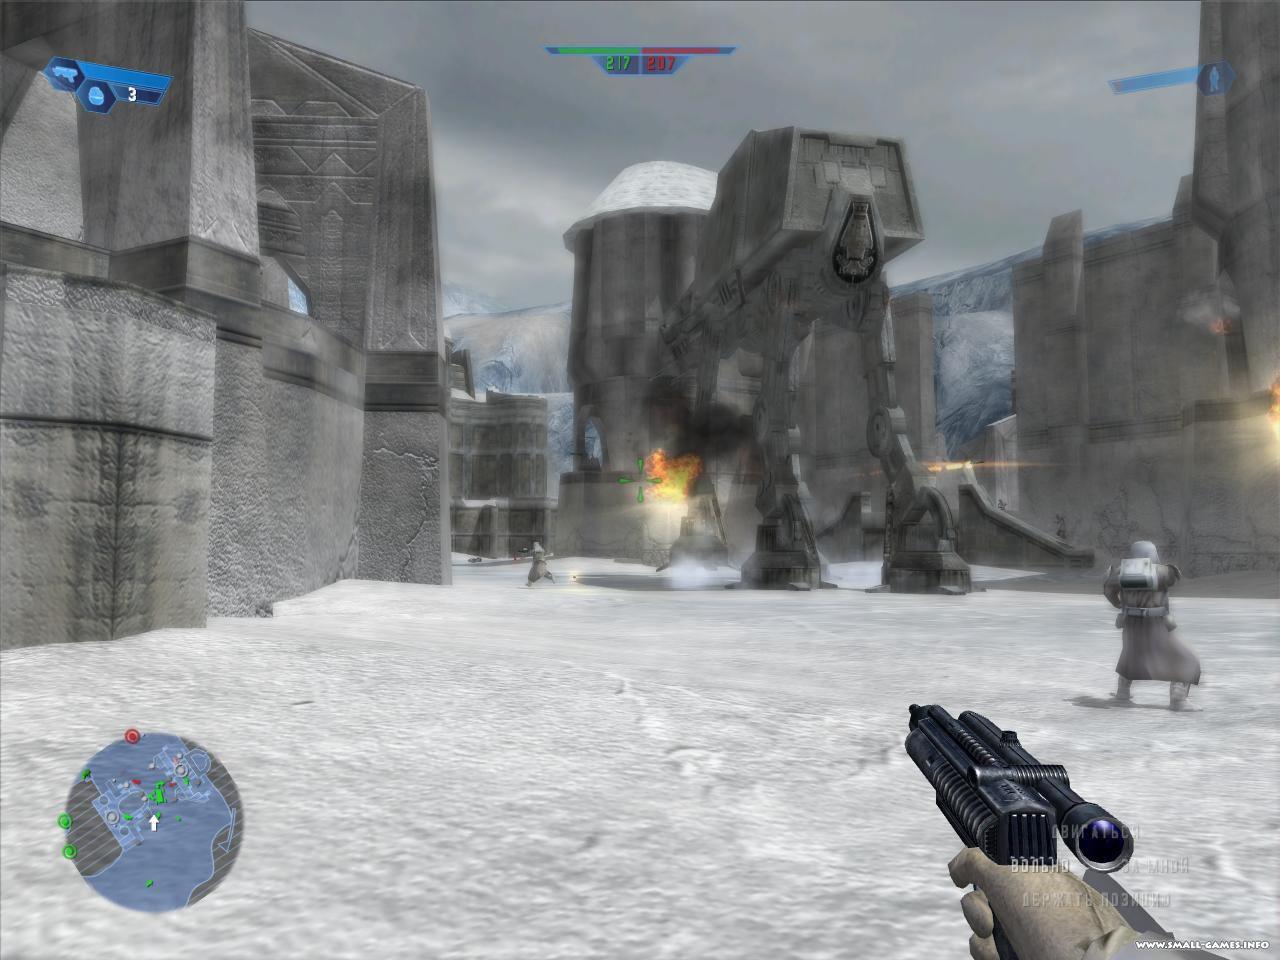 Скачать игру звездные войны батлфронт 3